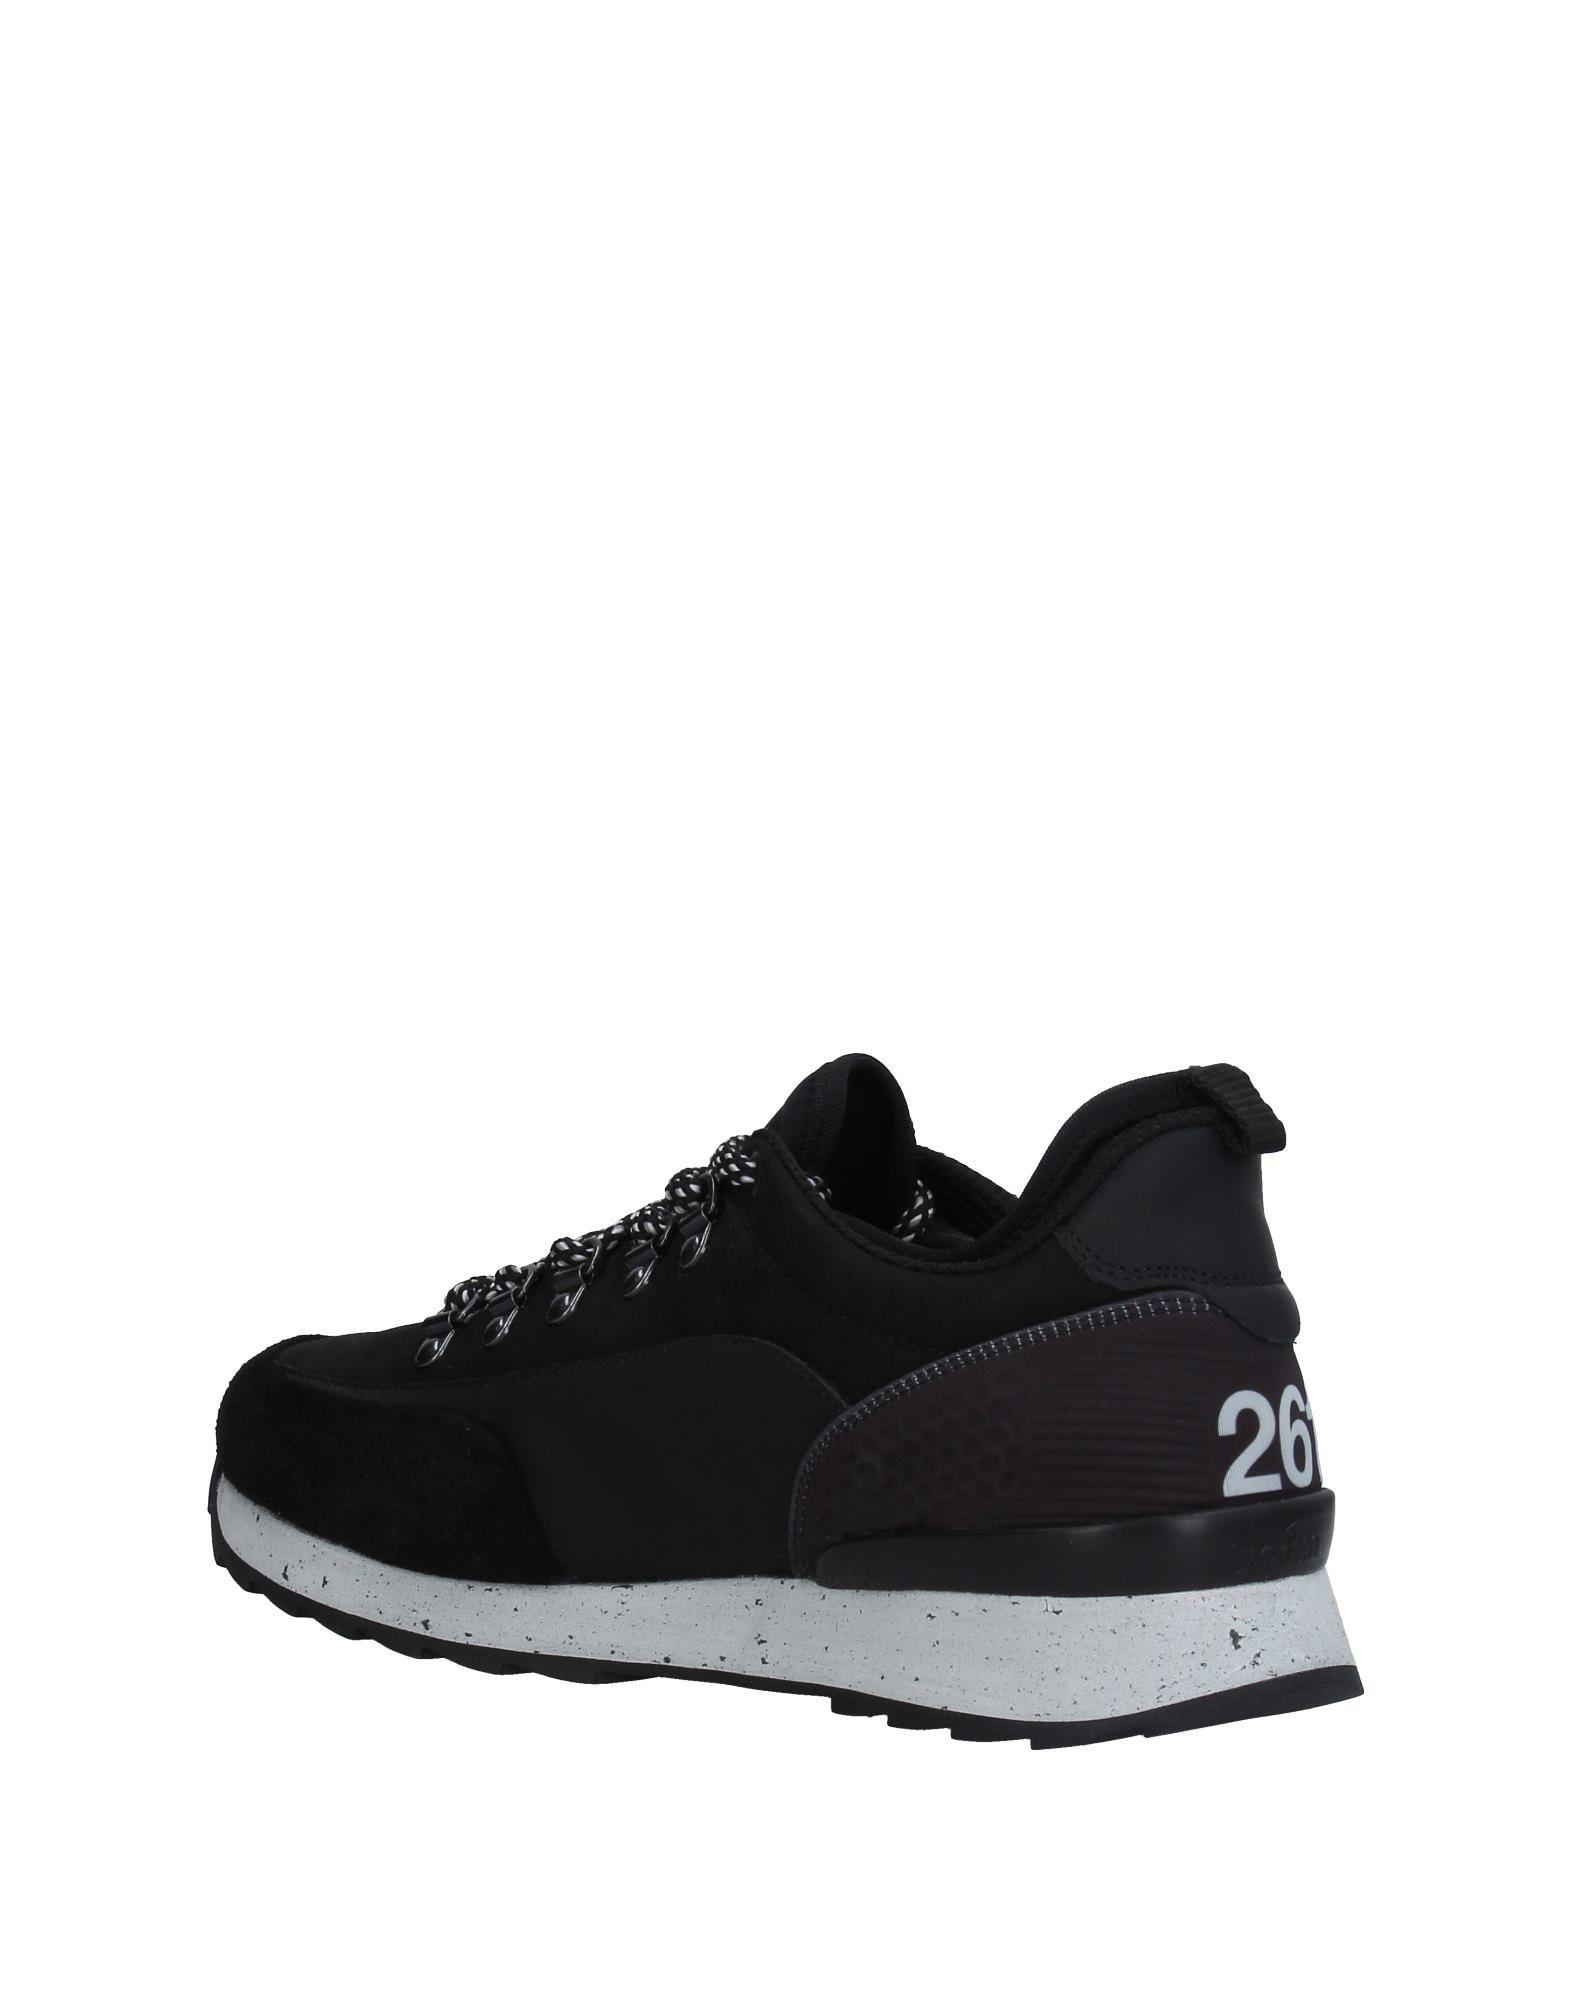 Hogan Rebel Sneakers Herren Herren Sneakers Gutes Preis-Leistungs-Verhältnis, es lohnt sich 2eaf71